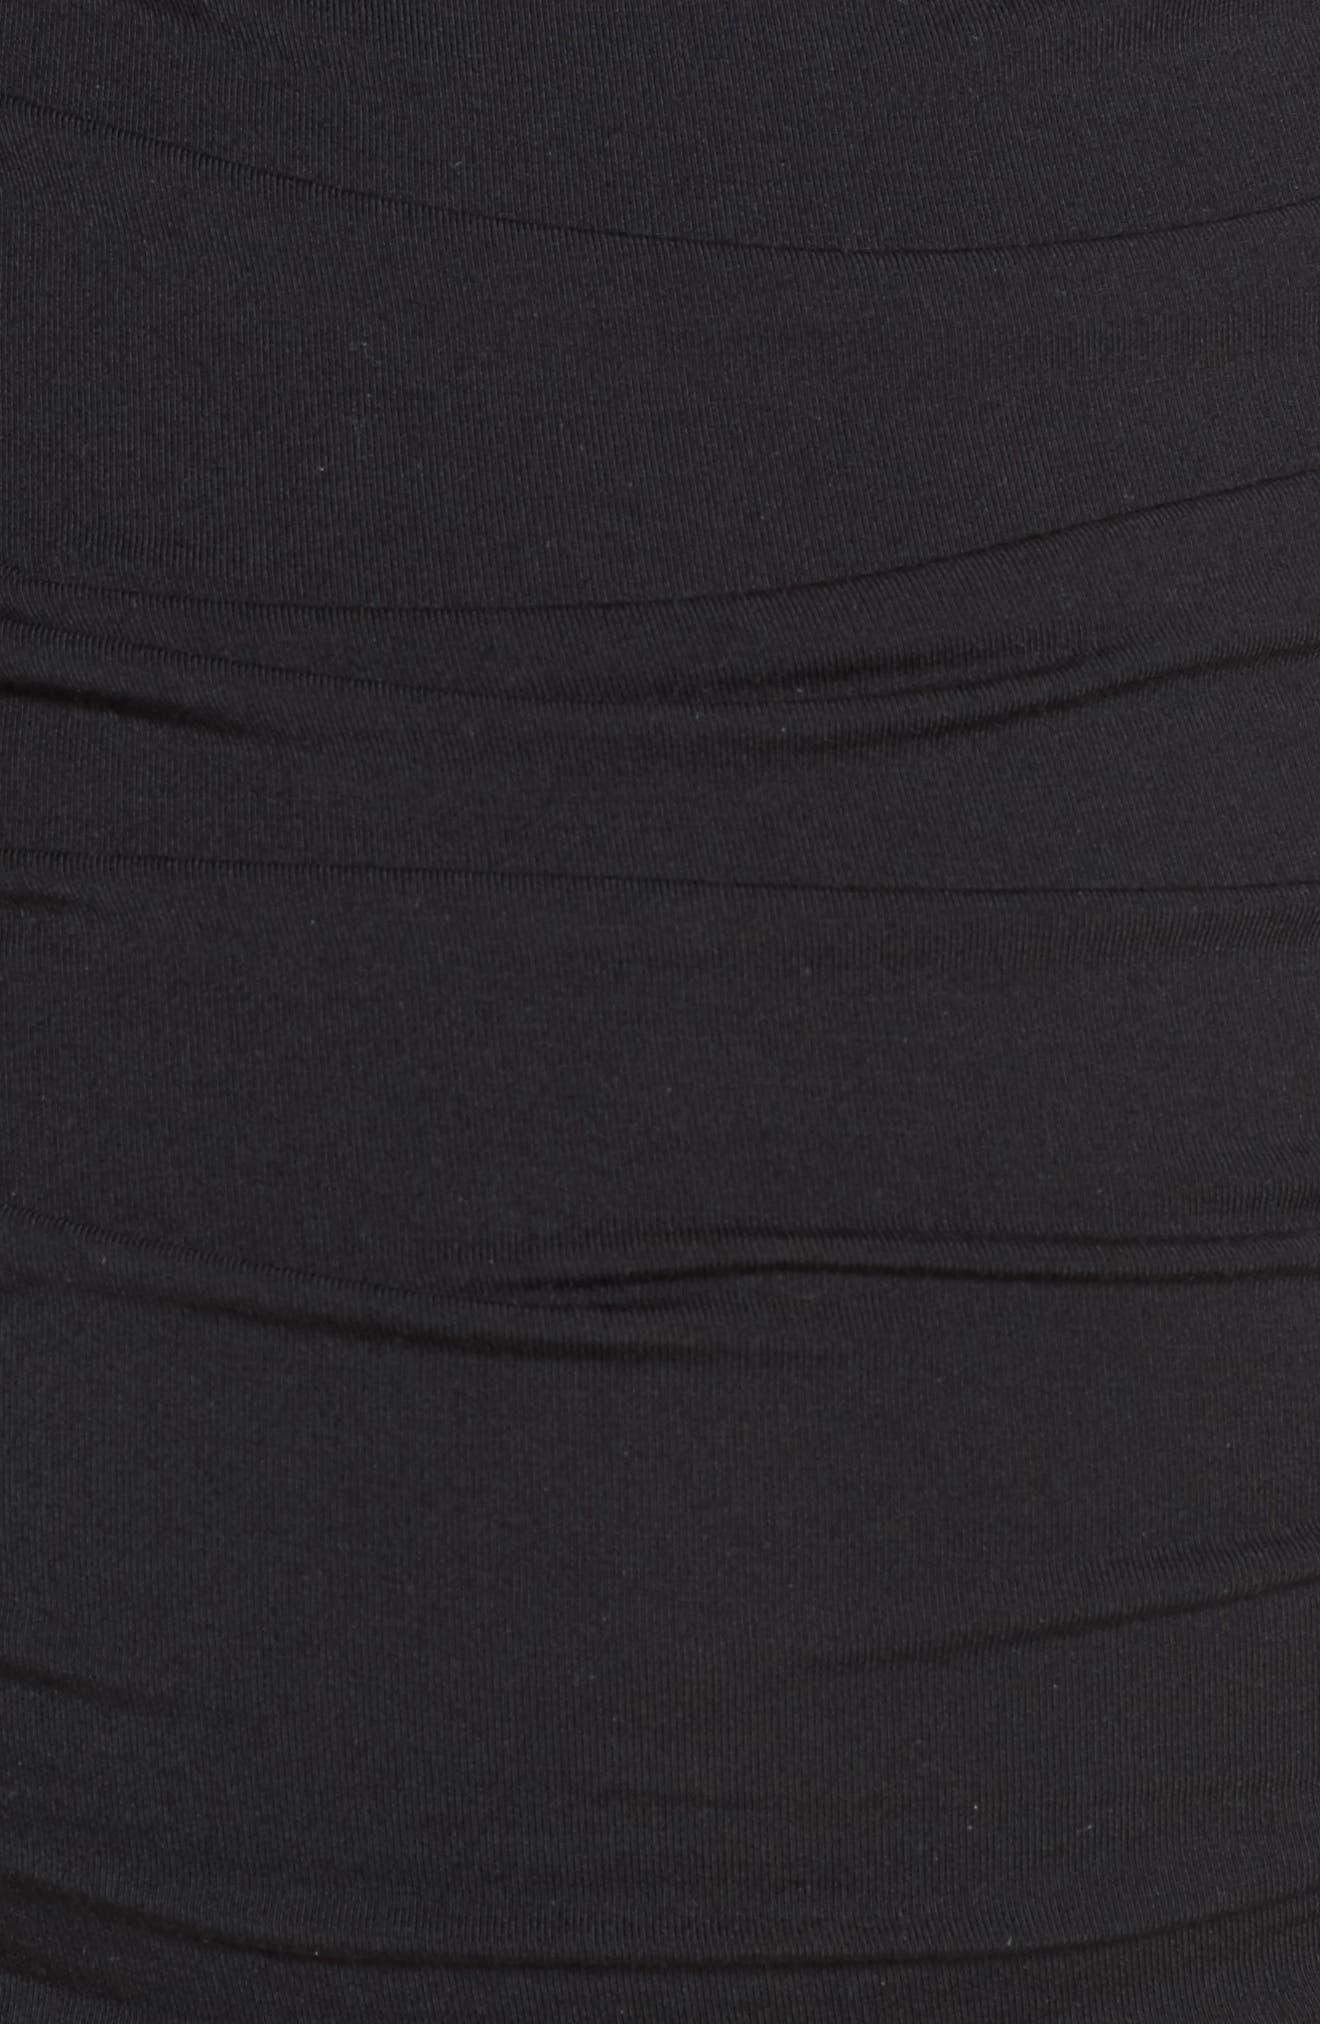 'Vita' Maternity Maxi Dress,                             Alternate thumbnail 5, color,                             Black